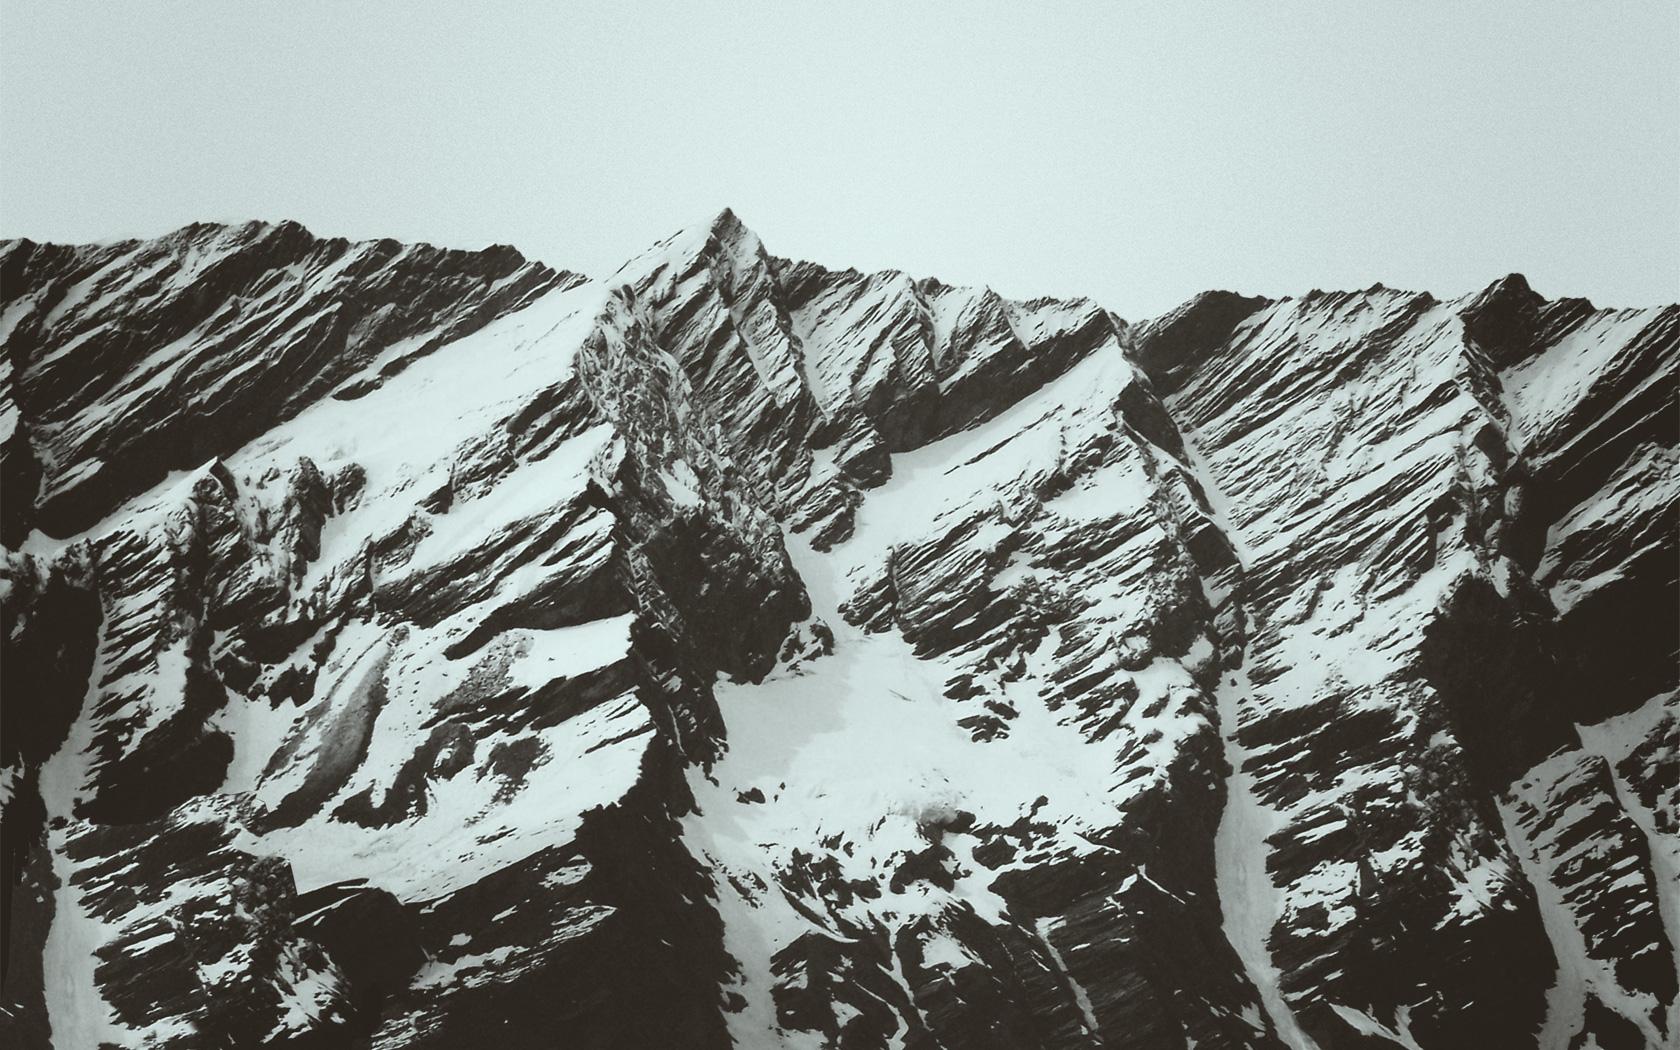 Berg_Pic.01